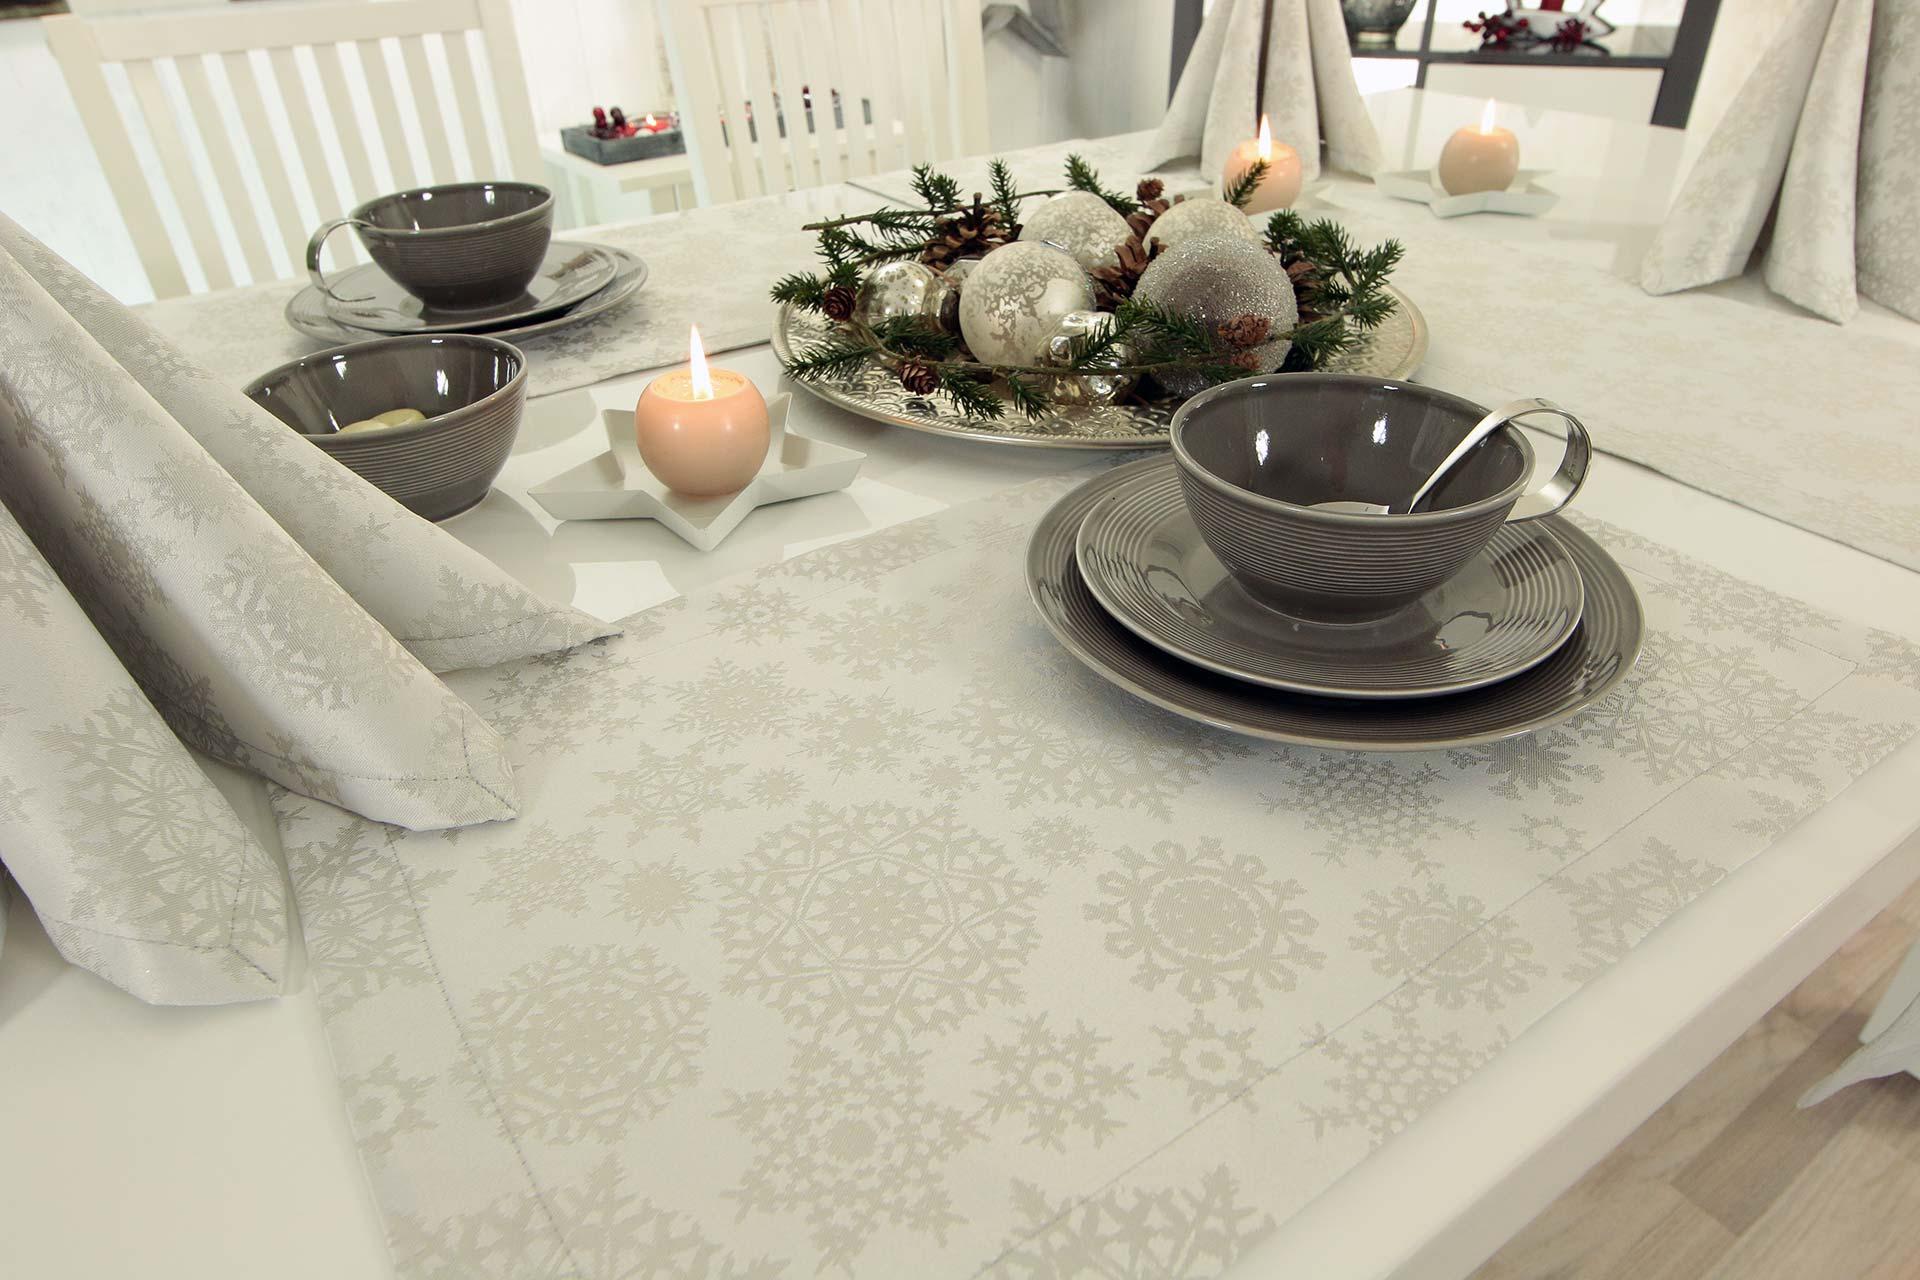 galerie die sch nsten weihnachtsbilder von tischdecken. Black Bedroom Furniture Sets. Home Design Ideas